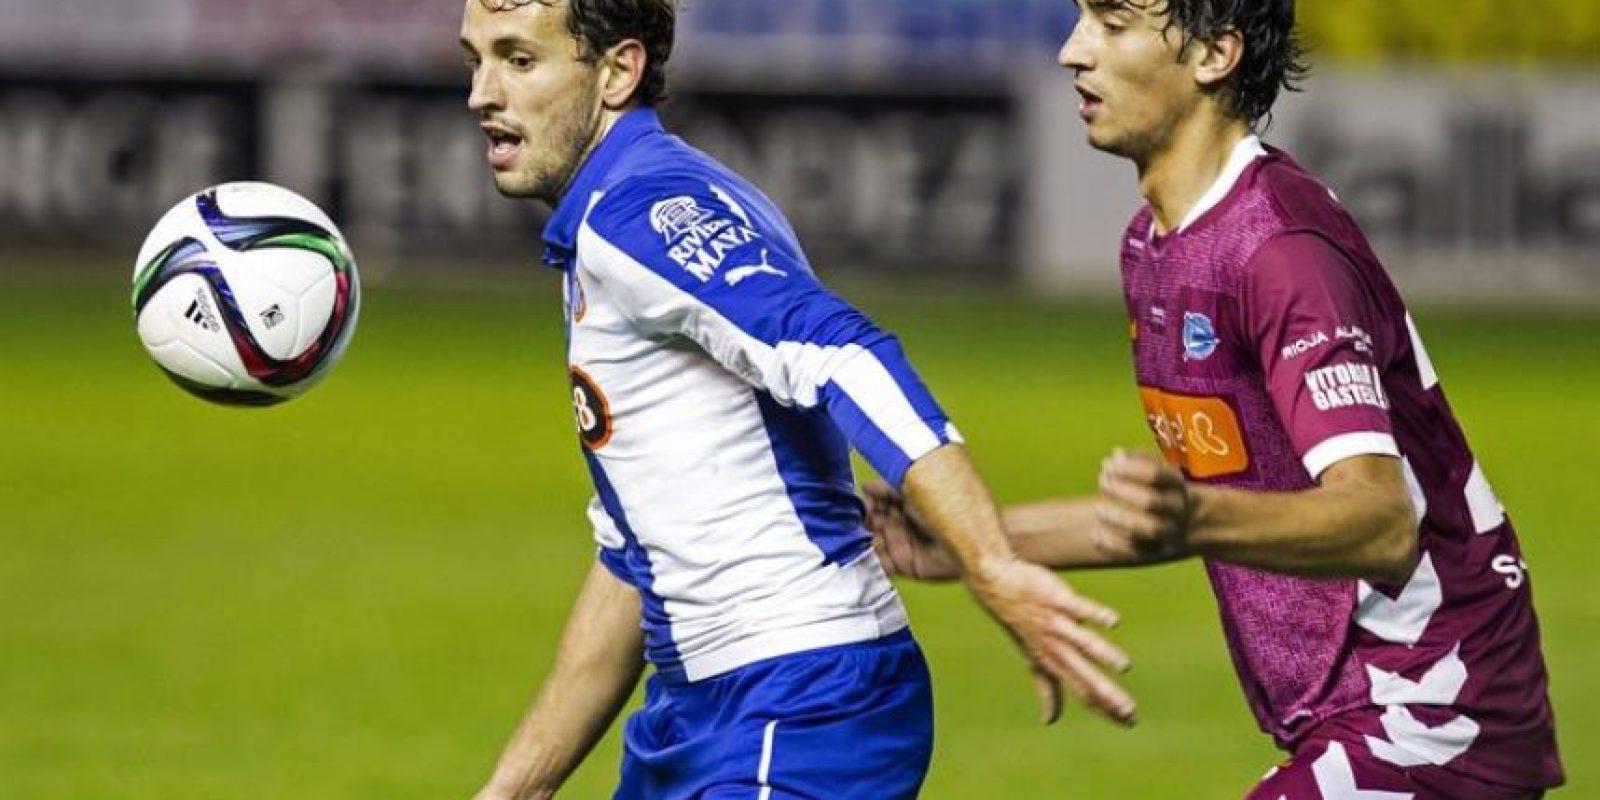 El Espanyol superó 2-0 en condición de visita al Alavés. Foto:EFE